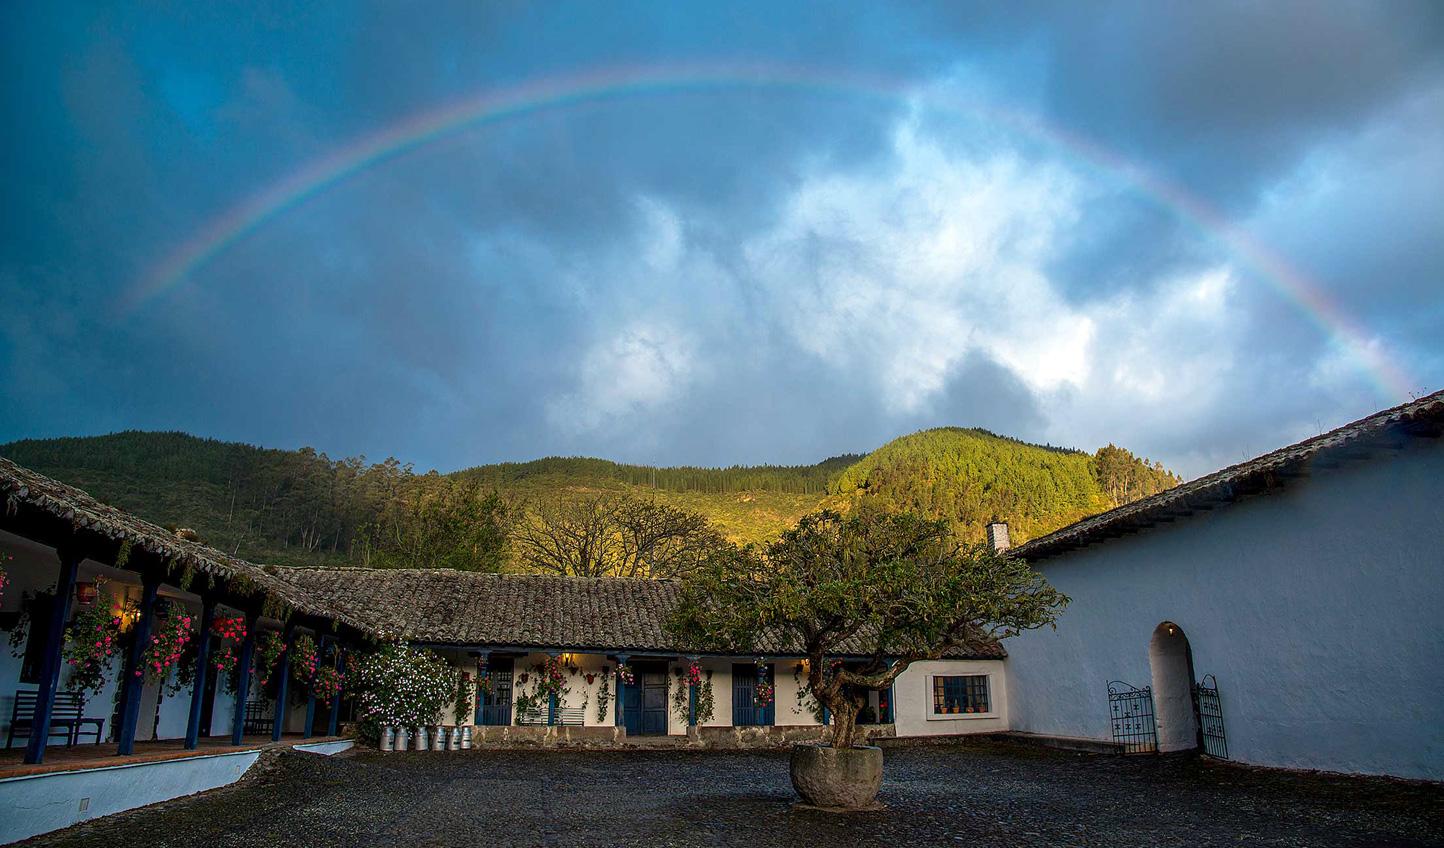 Your boutique hideaway Hacienda Zuleta